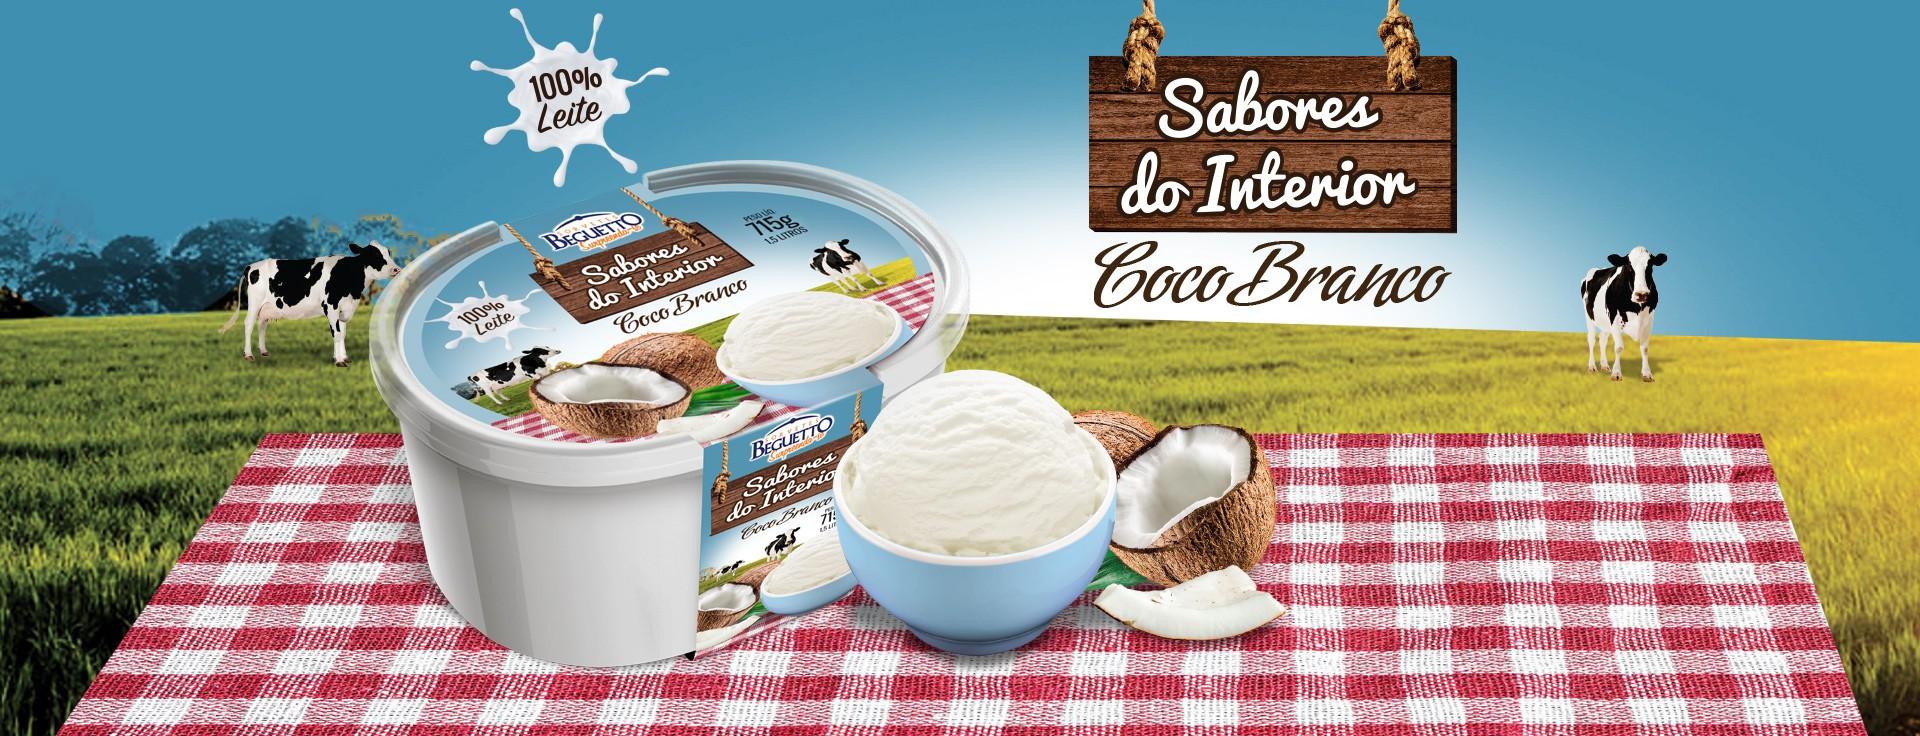 SABORES DO INTERIOR 1,5L - COCO BRANCO